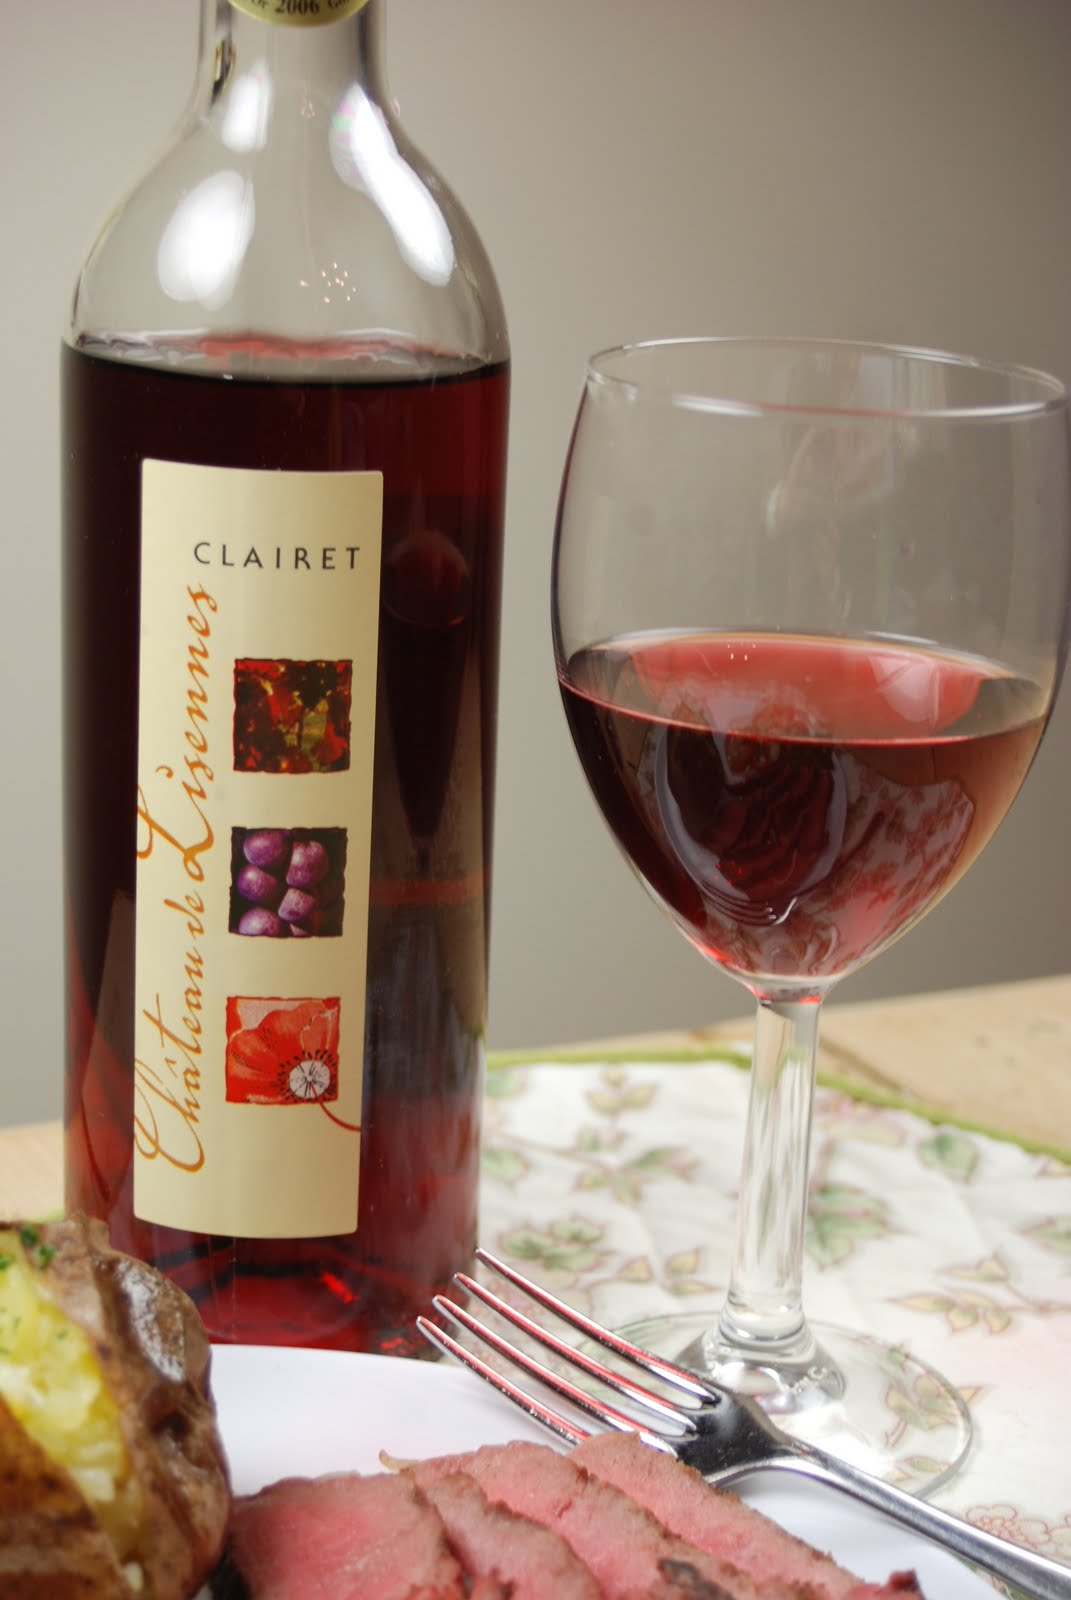 фото красного вина кларет